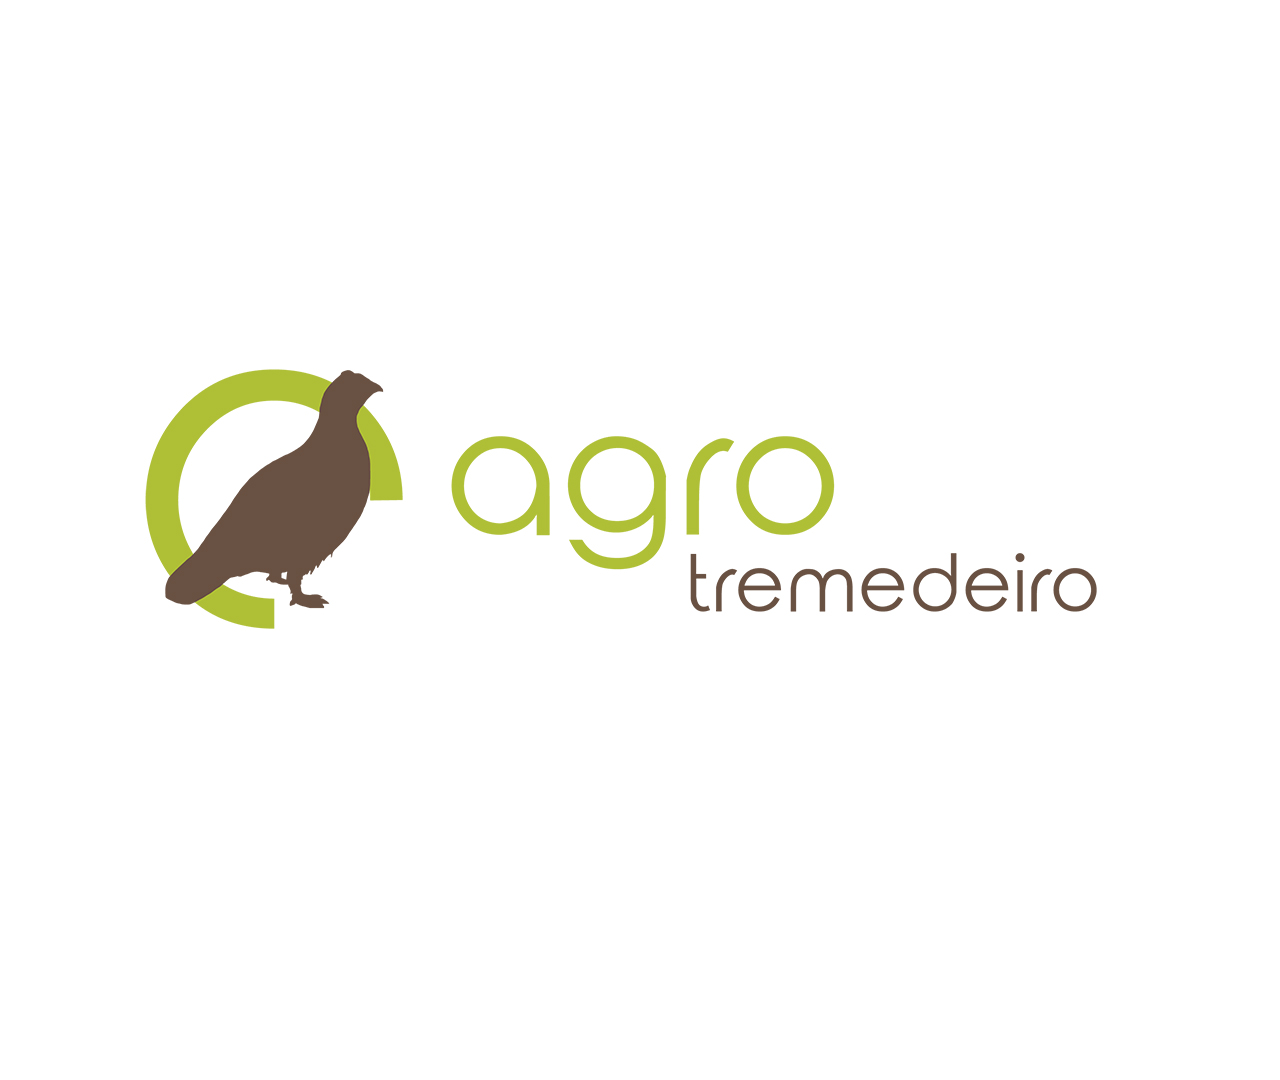 Agrotremedeiro